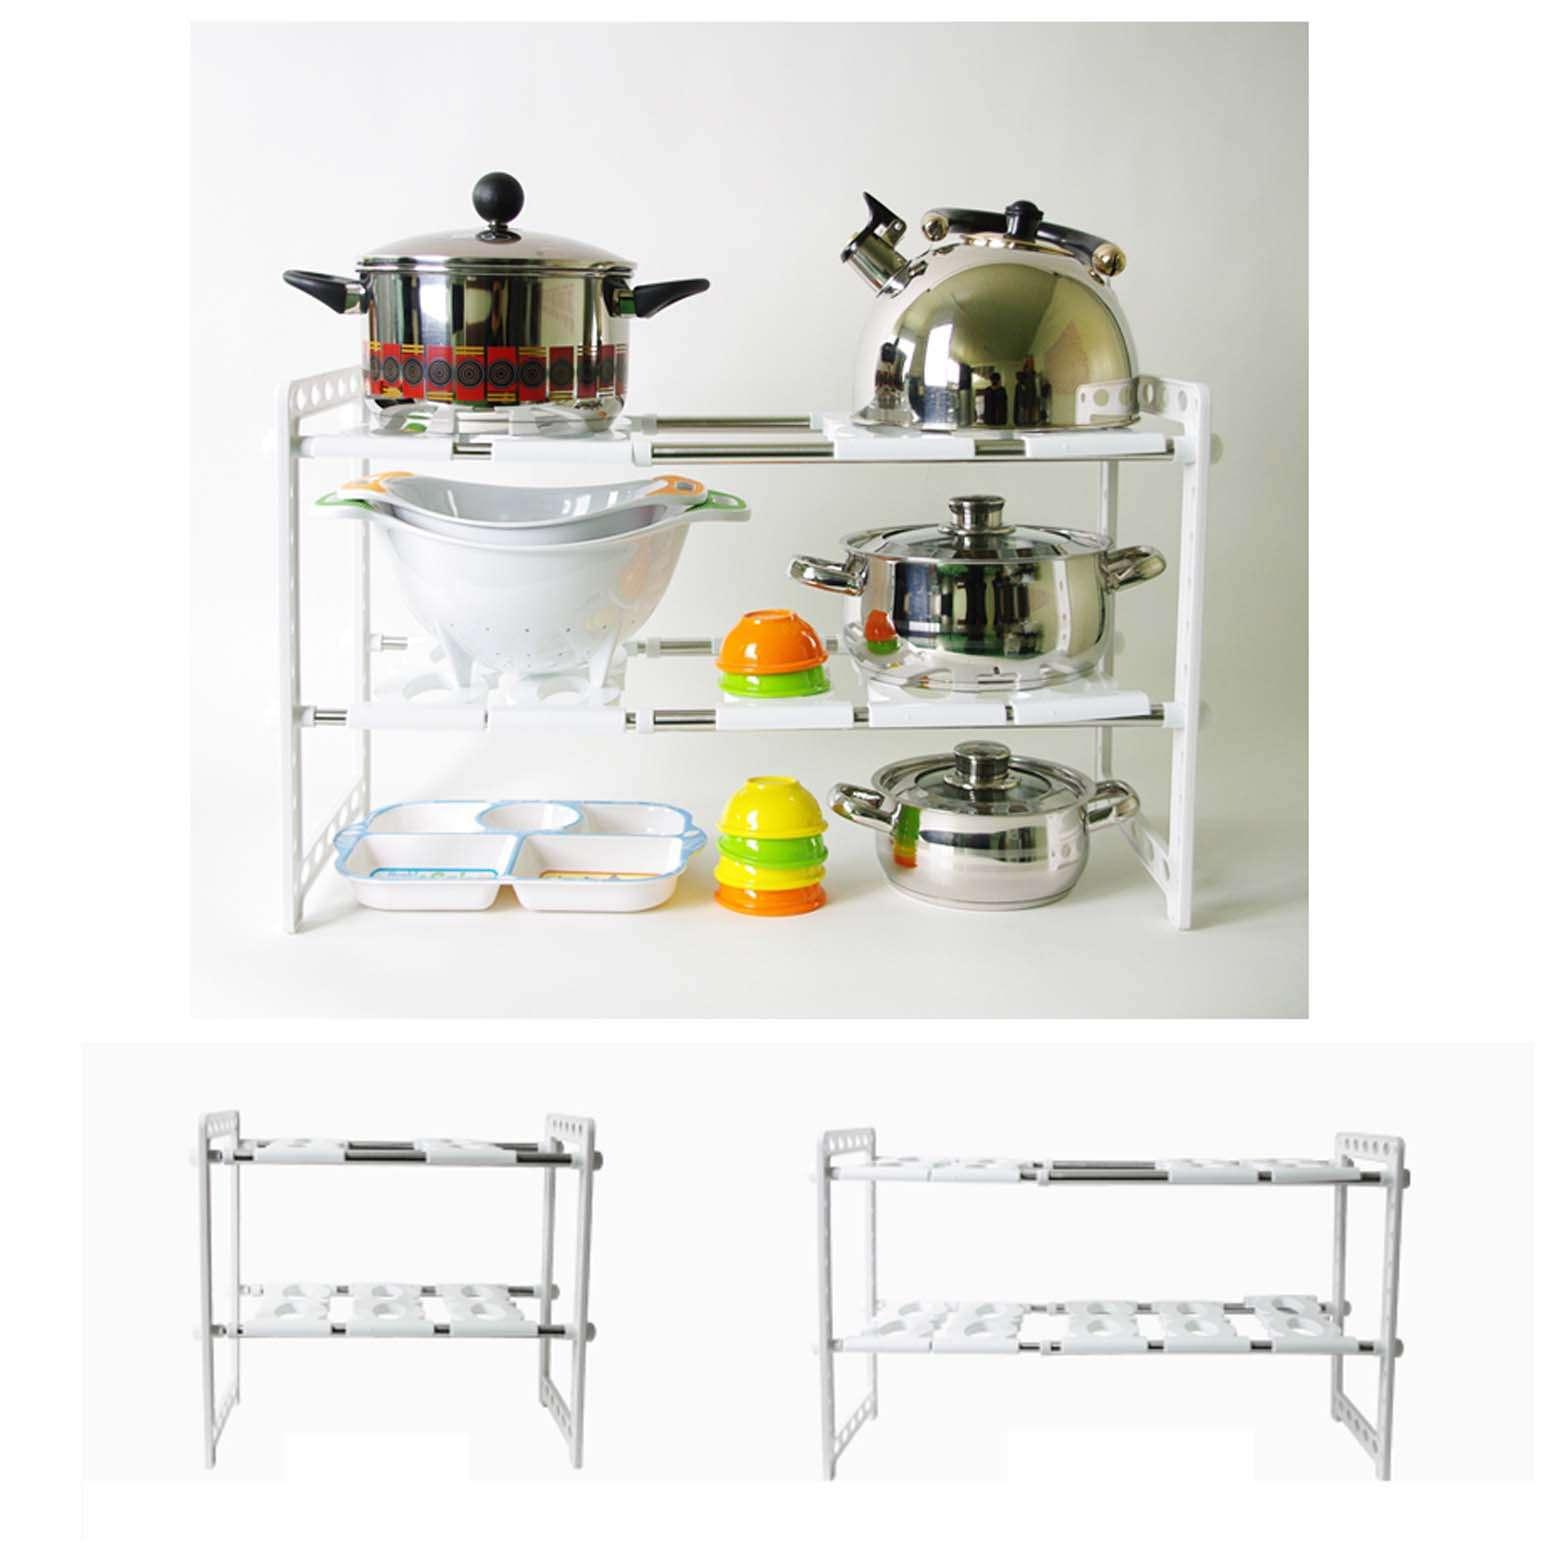 Kitchen Storage Under Sink Organizer: Extendable Under Sink Customize Shelf Kitchen Organize